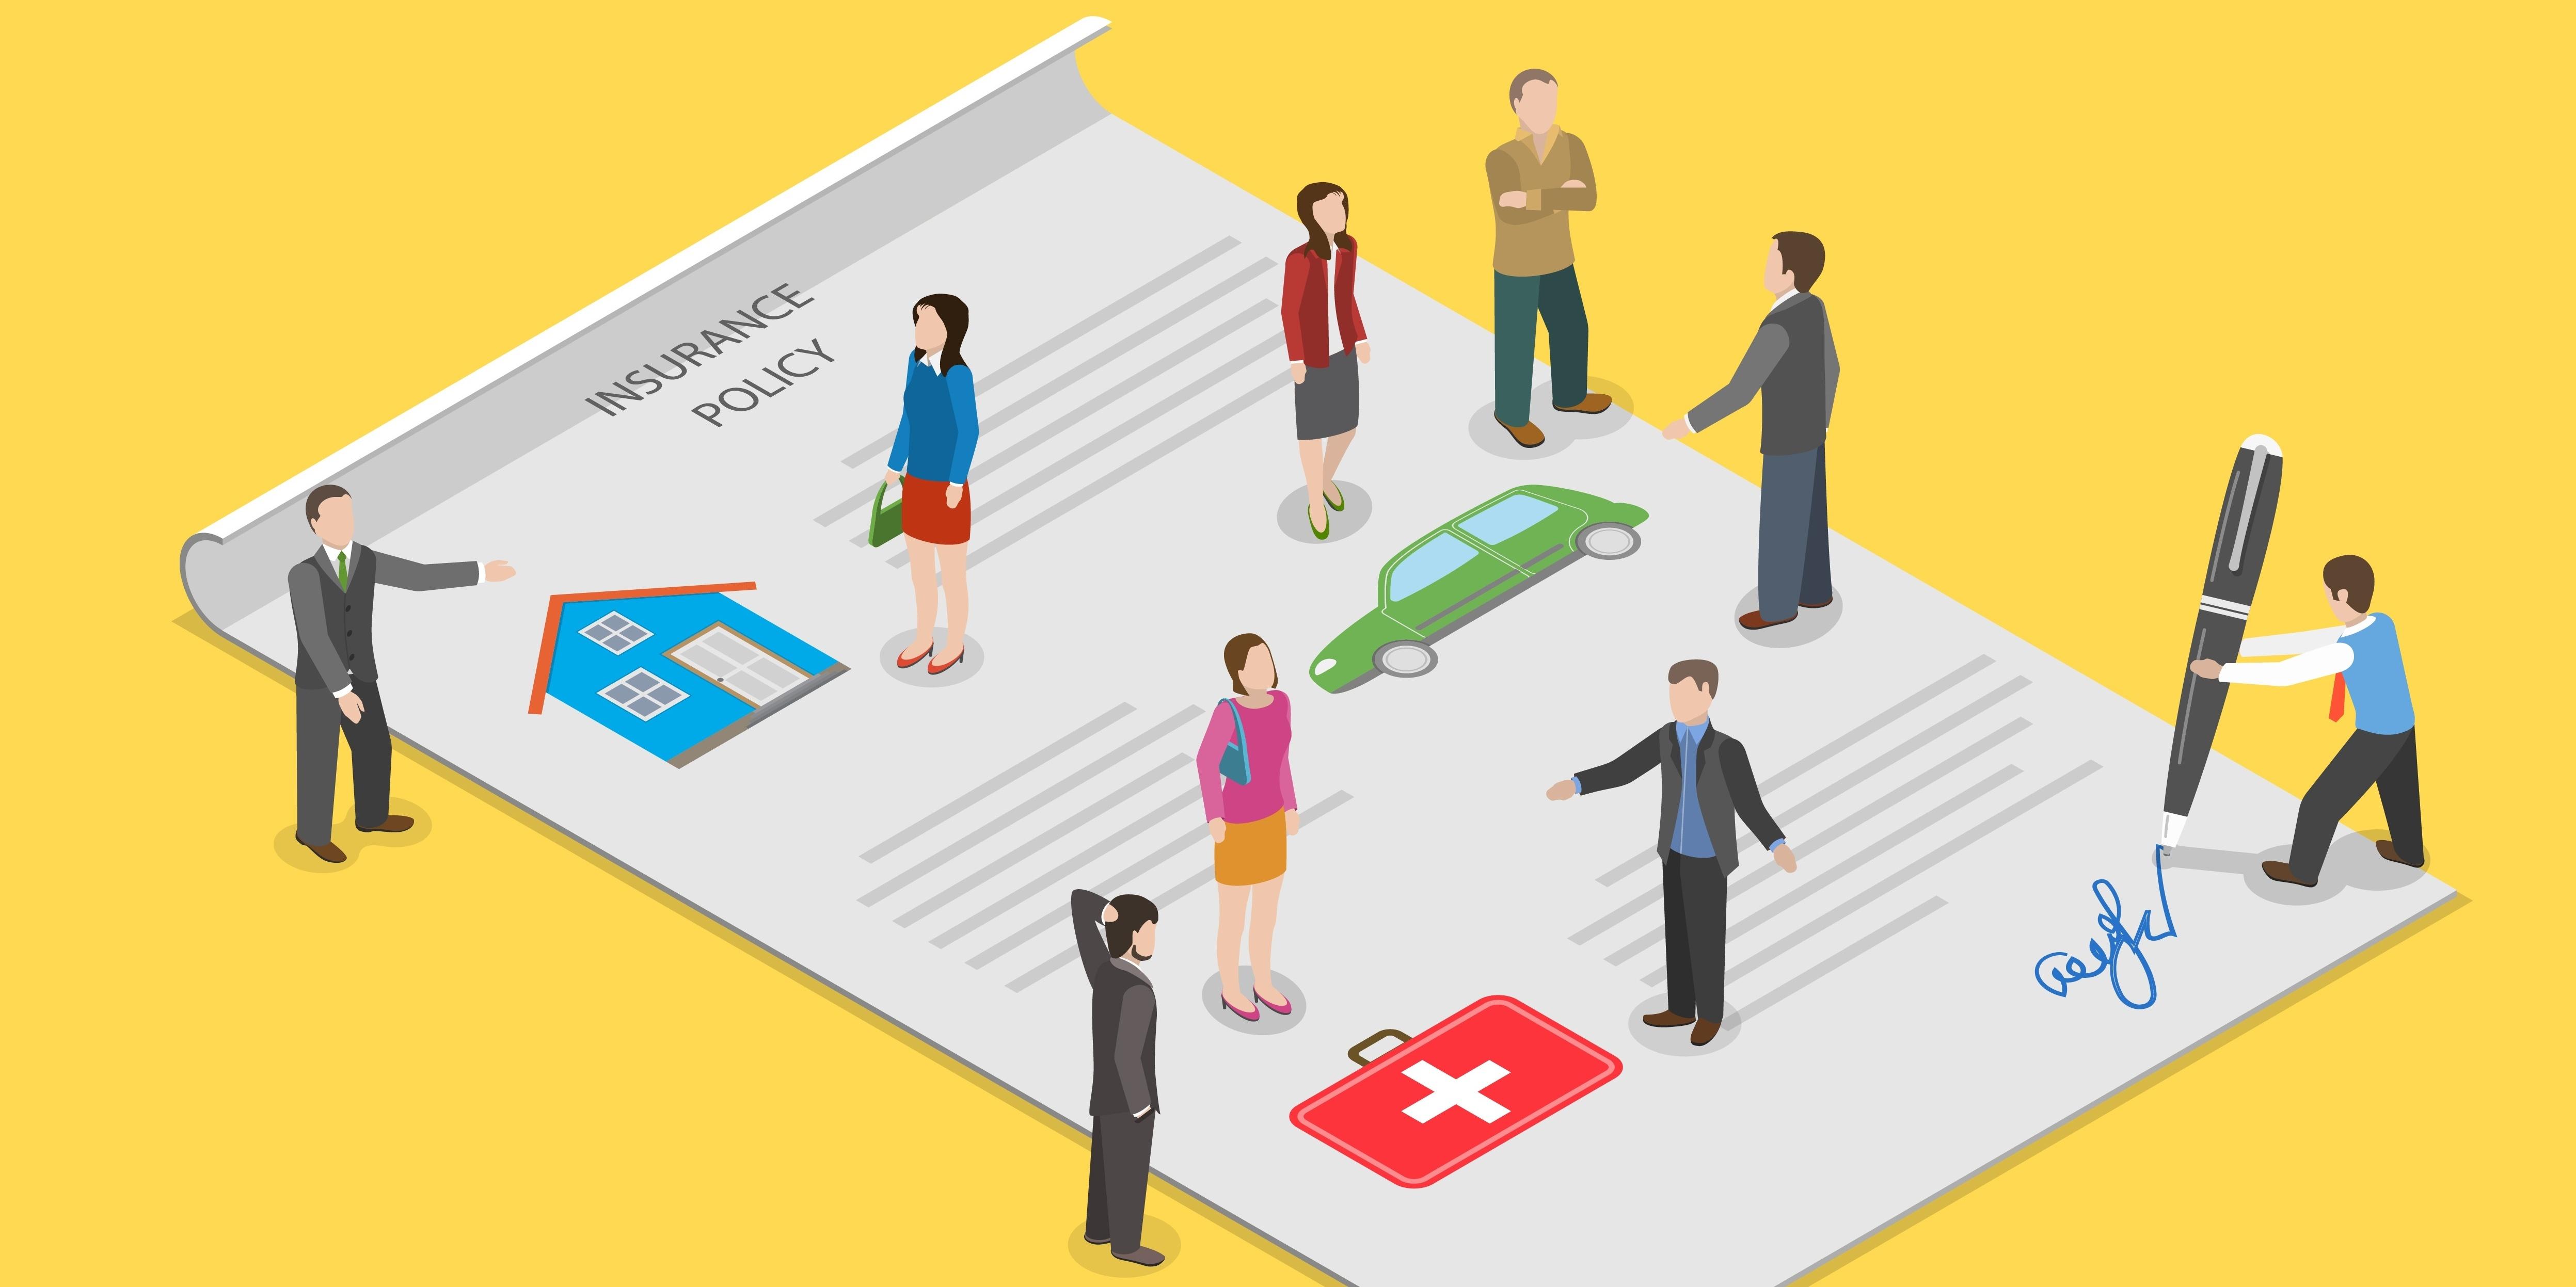 La gestion d'un régime d'assurance collective, ce n'est pas de la tarte!